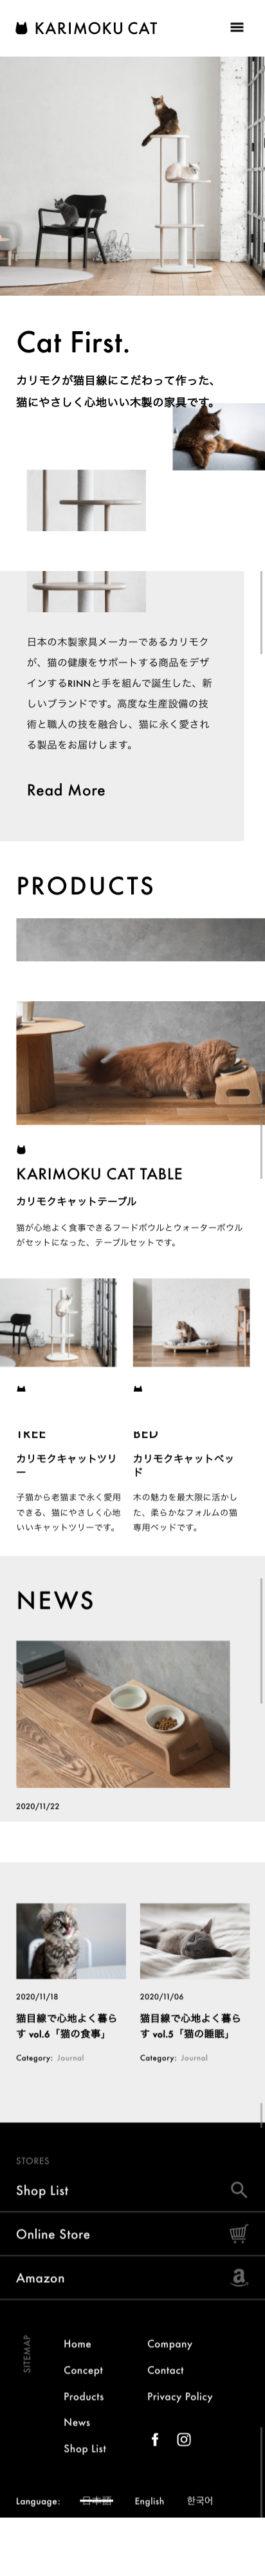 karimoku-cat-top-smp